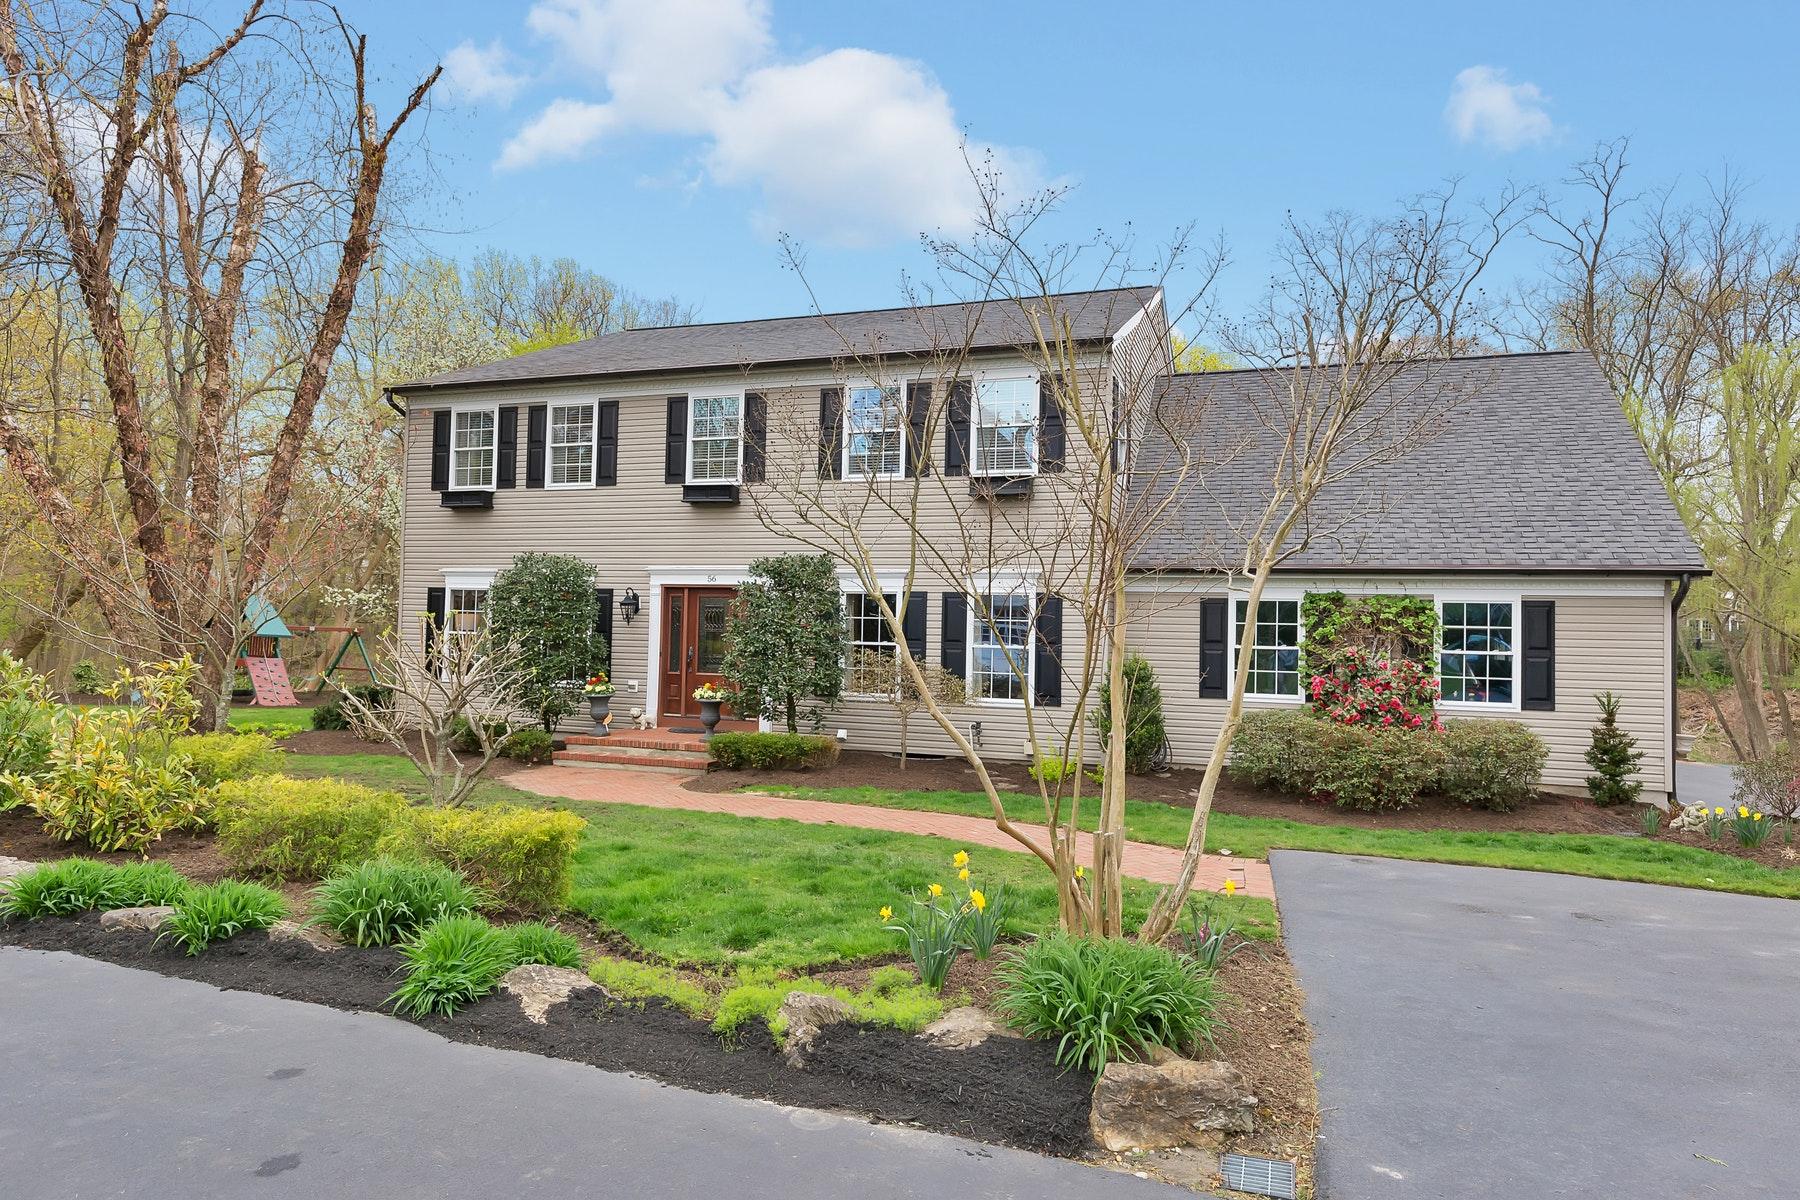 Villa per Vendita alle ore Fair Haven Colonial 56 Browns Lane, Fair Haven, New Jersey 07704 Stati Uniti